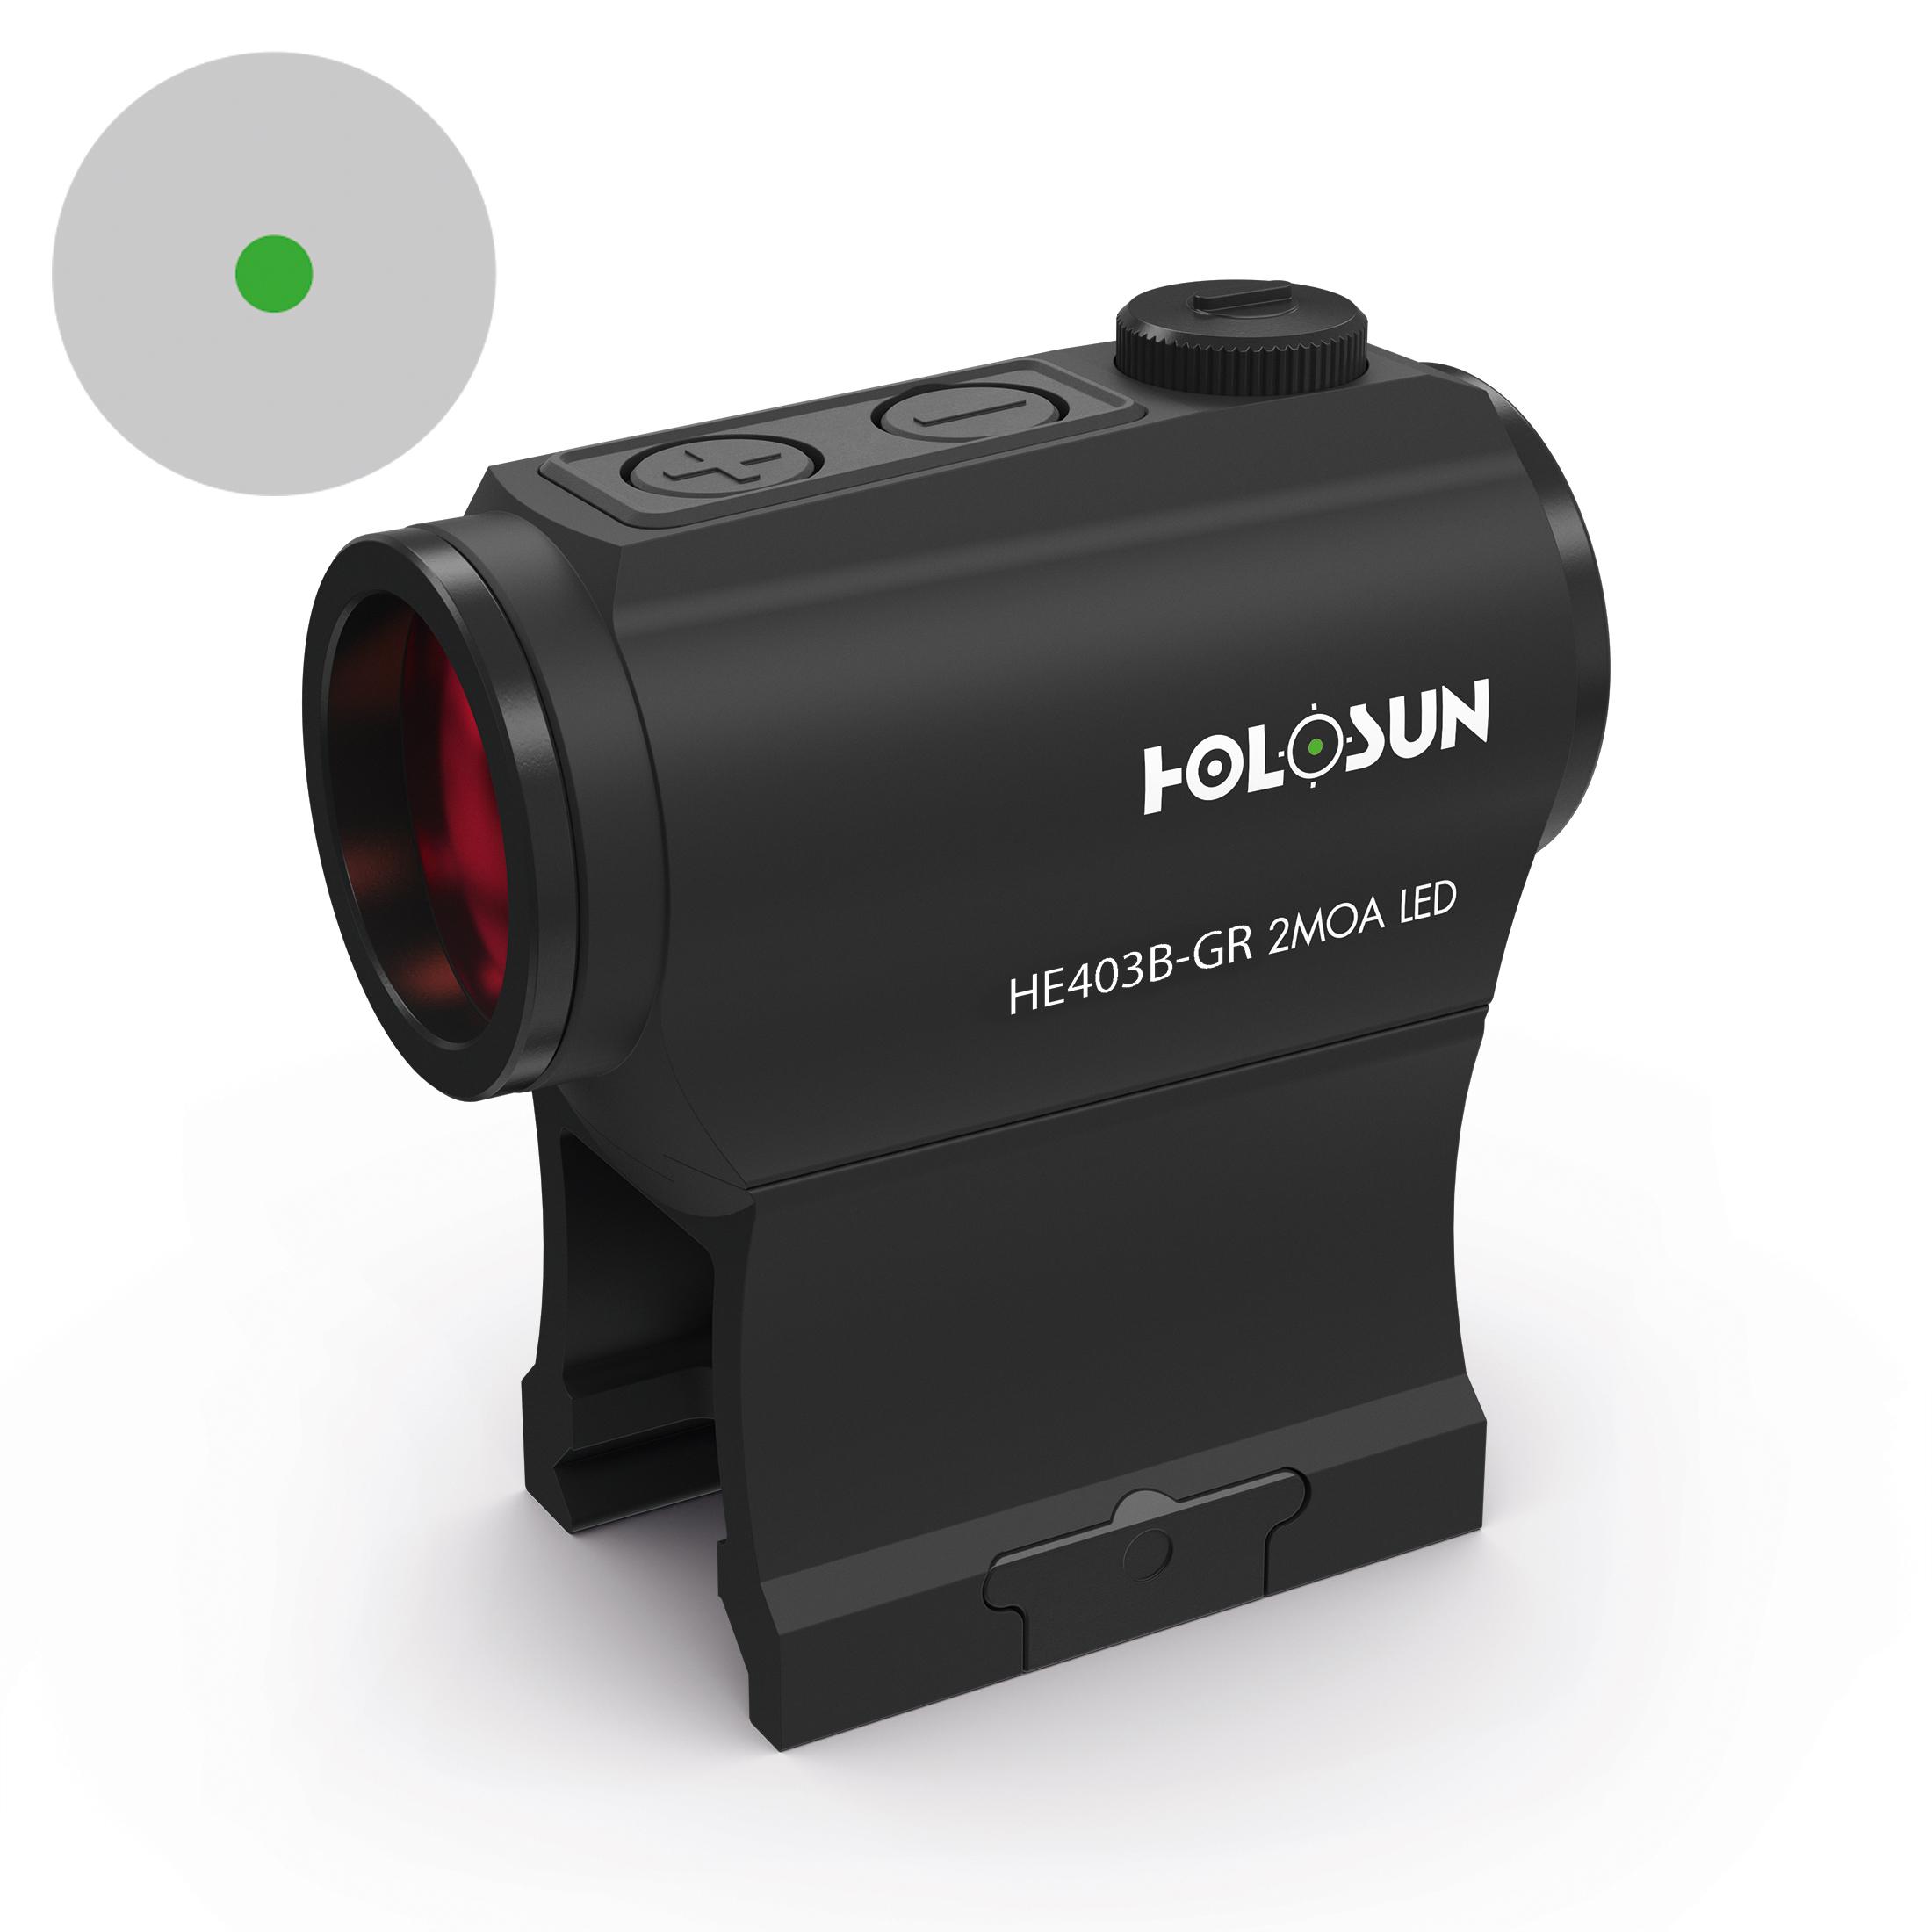 Holosun ELITE HE403B-GR